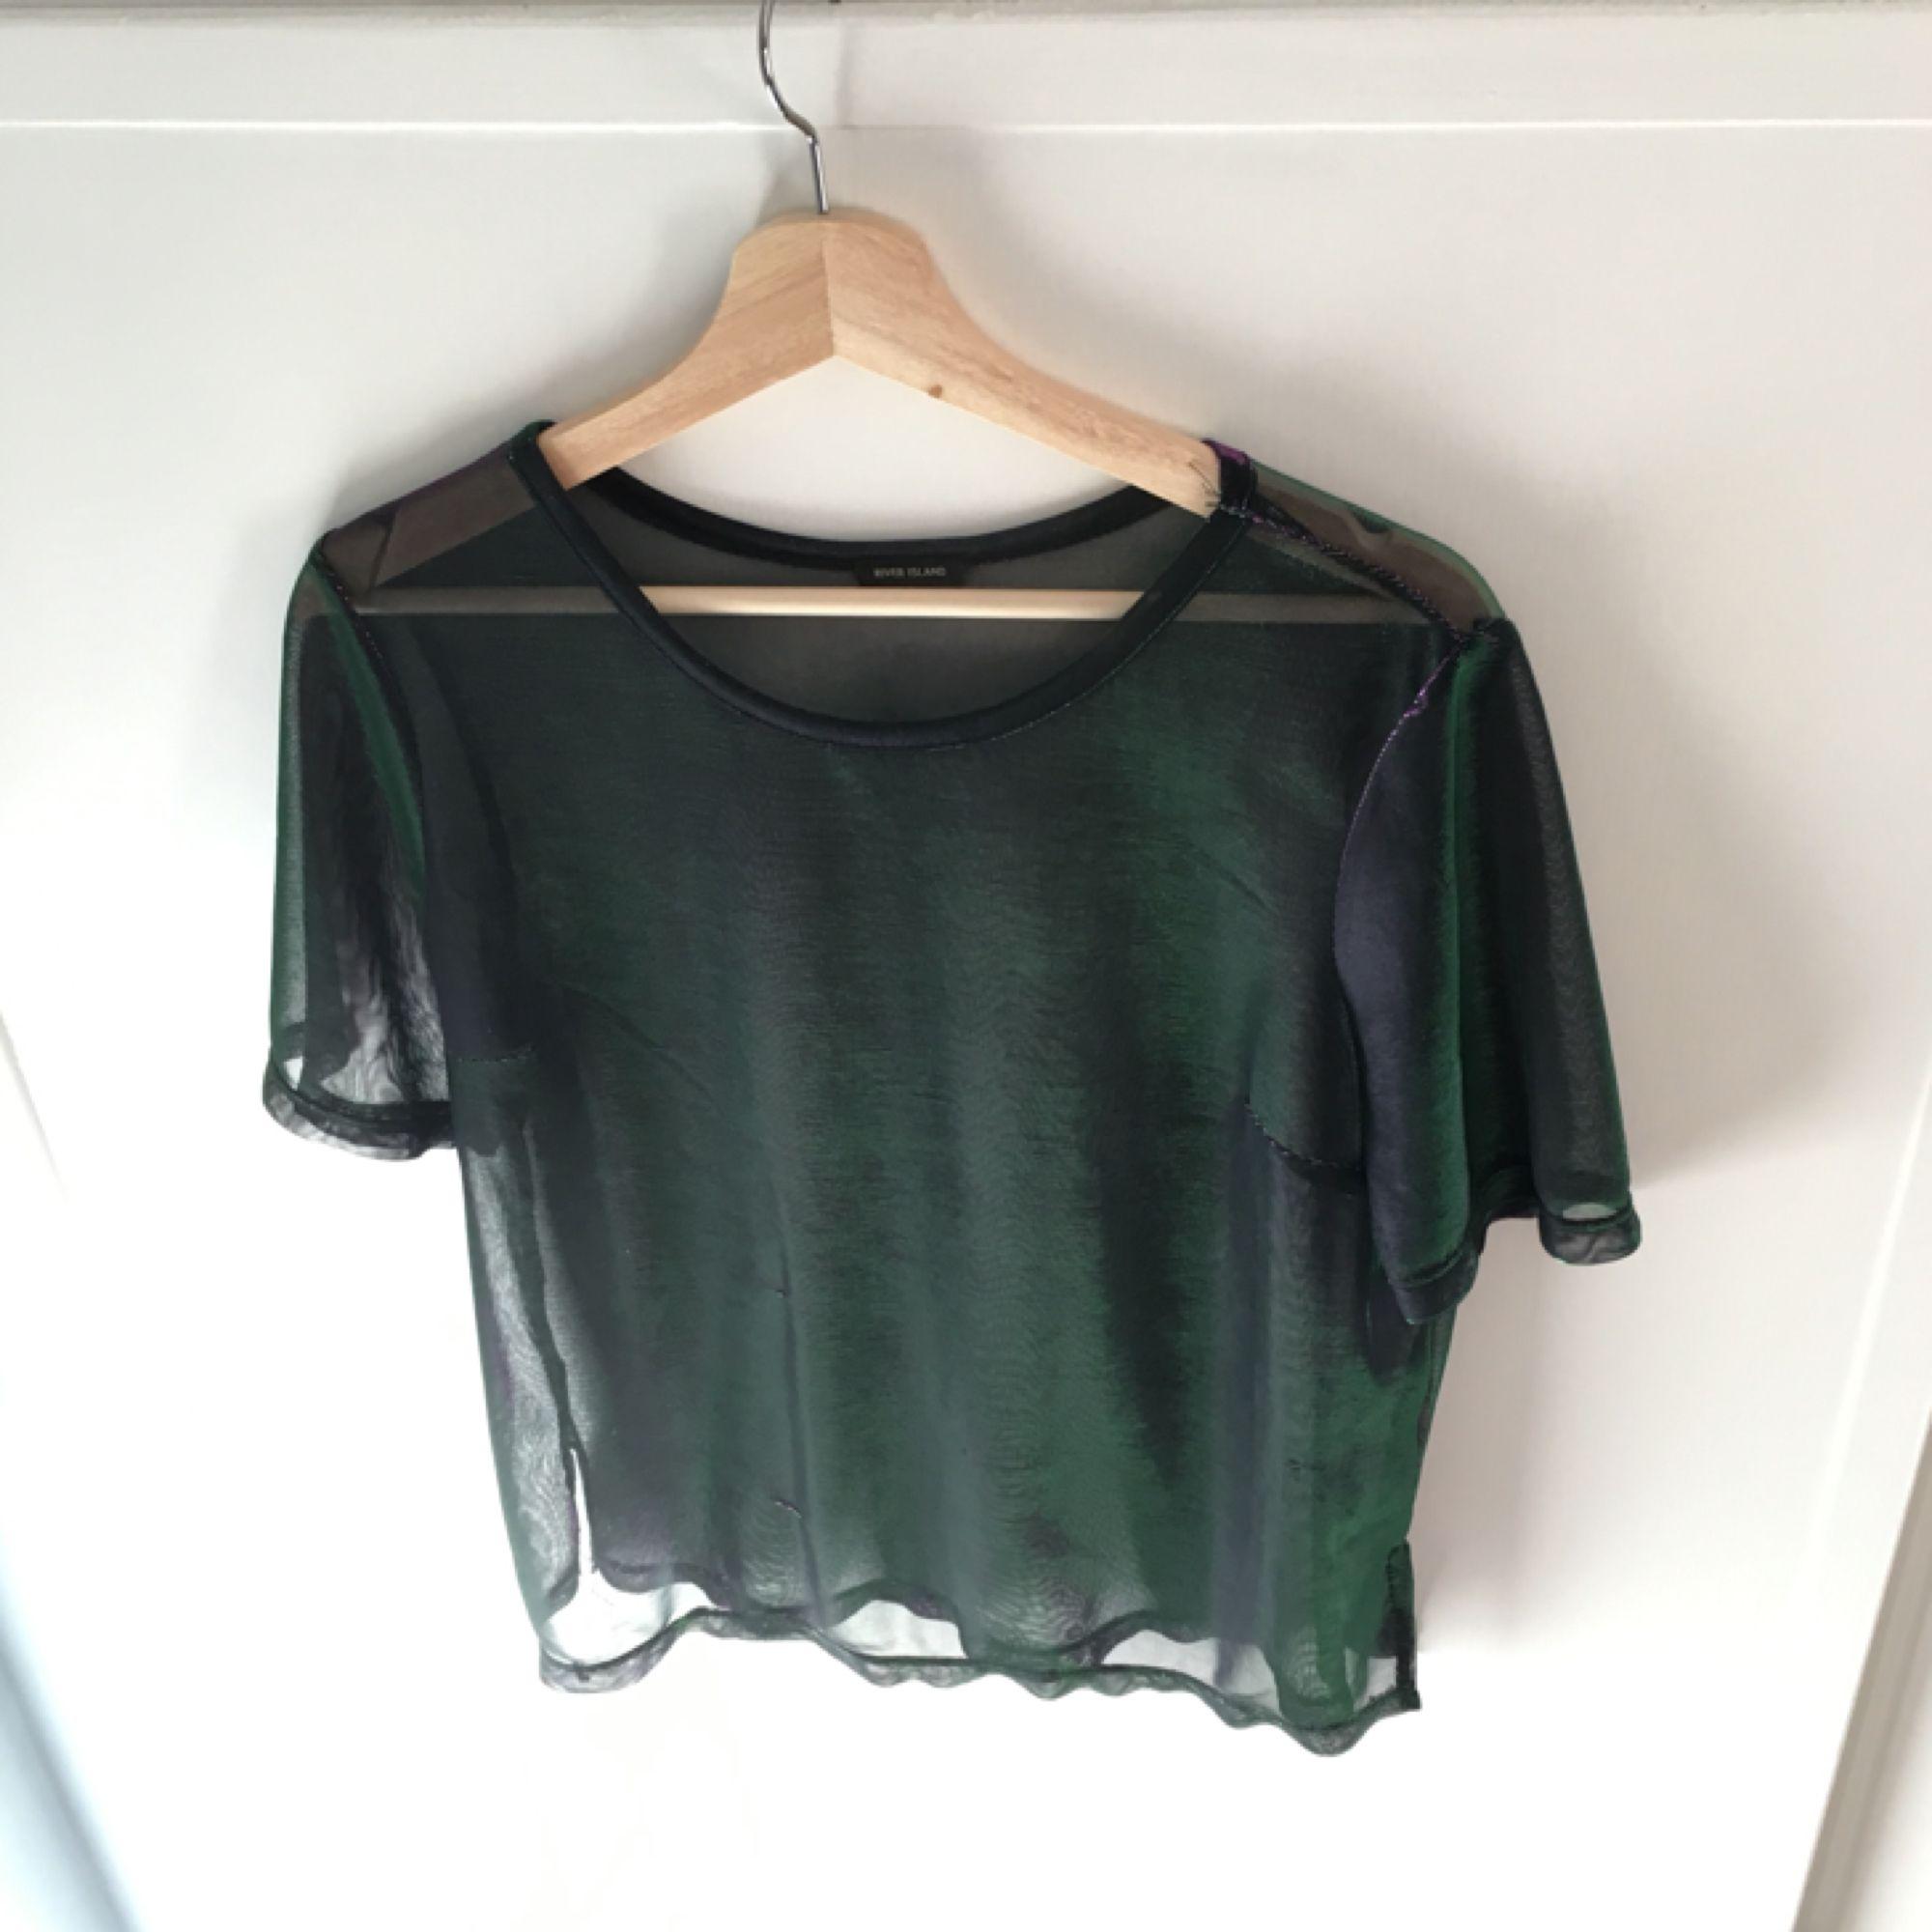 Cool skimrande t-shirt från River Island i mesh-tyg. Skimrar i lila och grönt beroende på vinkel. Sparsamt använd. Köpare står för ev frakt. . Toppar.